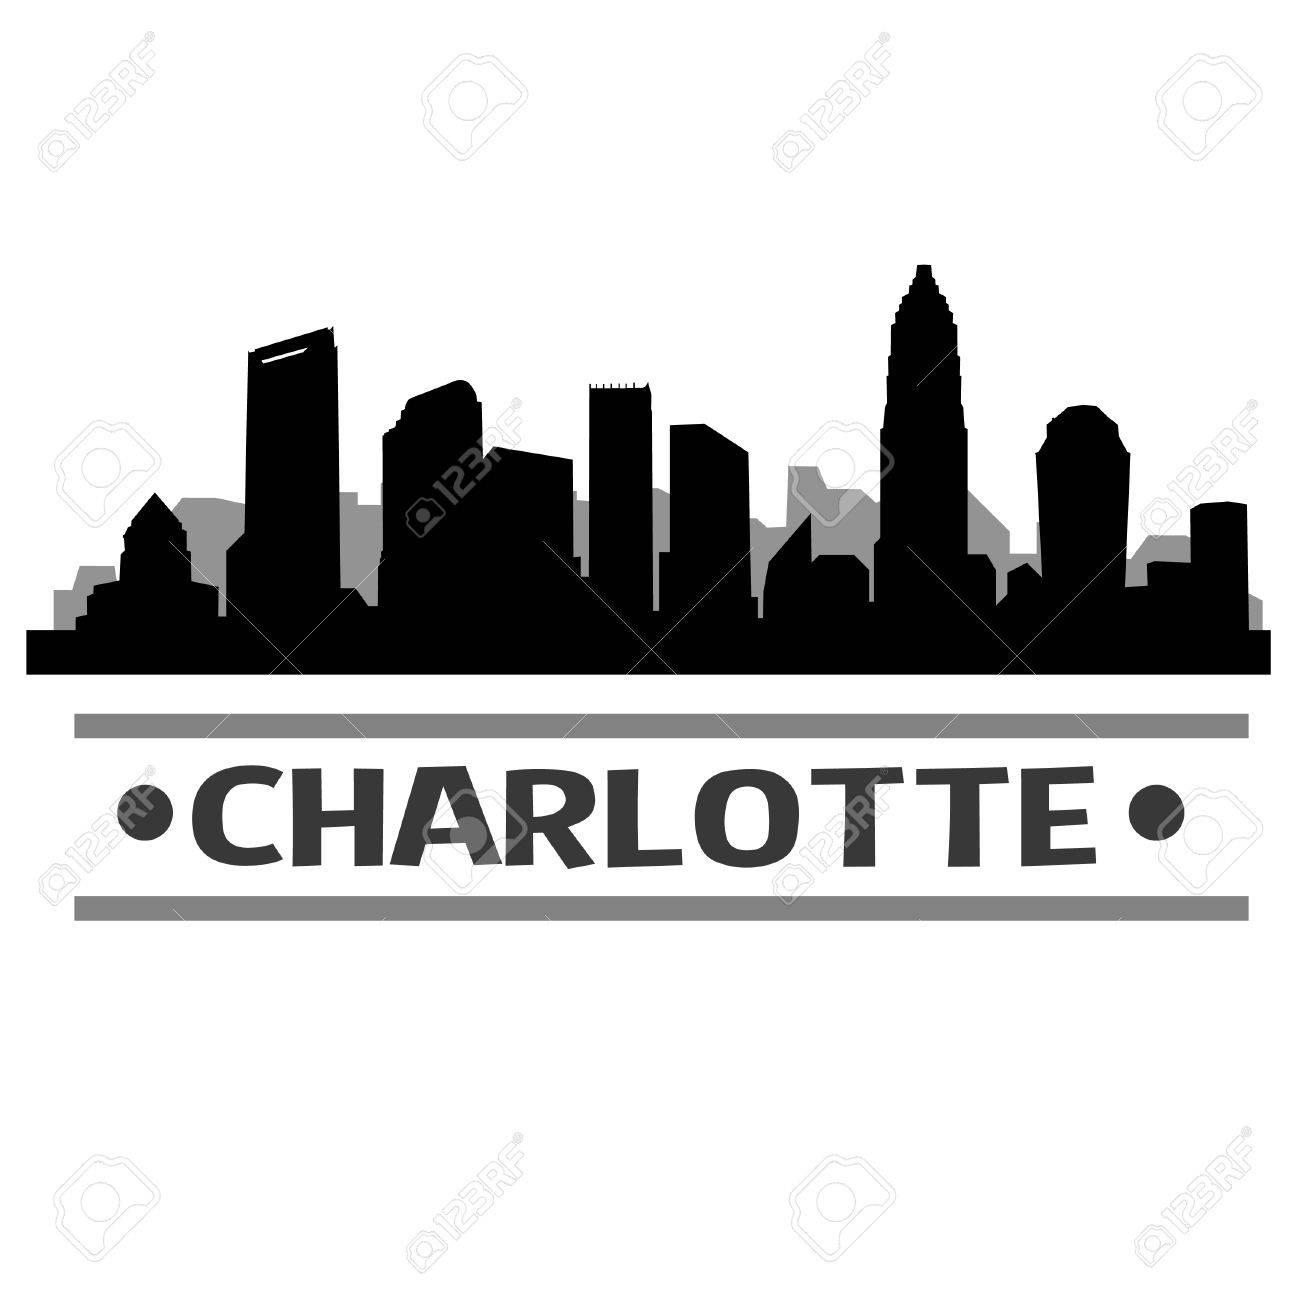 Charlotte Skyline Vector Art City Design.